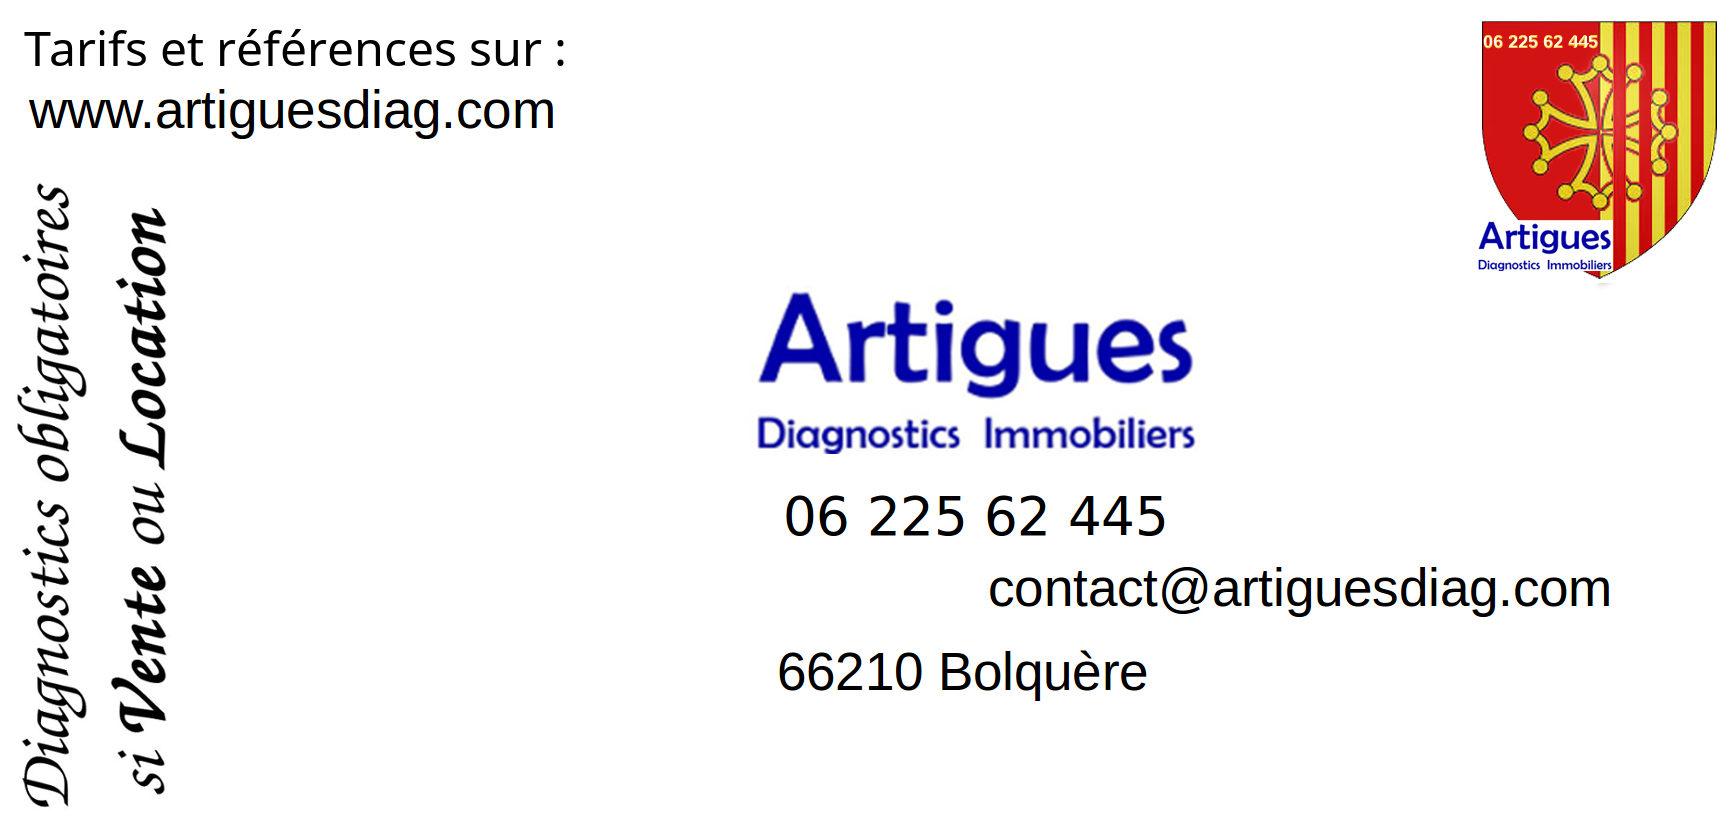 DPE maison, DPE appartement, DPE habitation, DPE villa, DPE logement